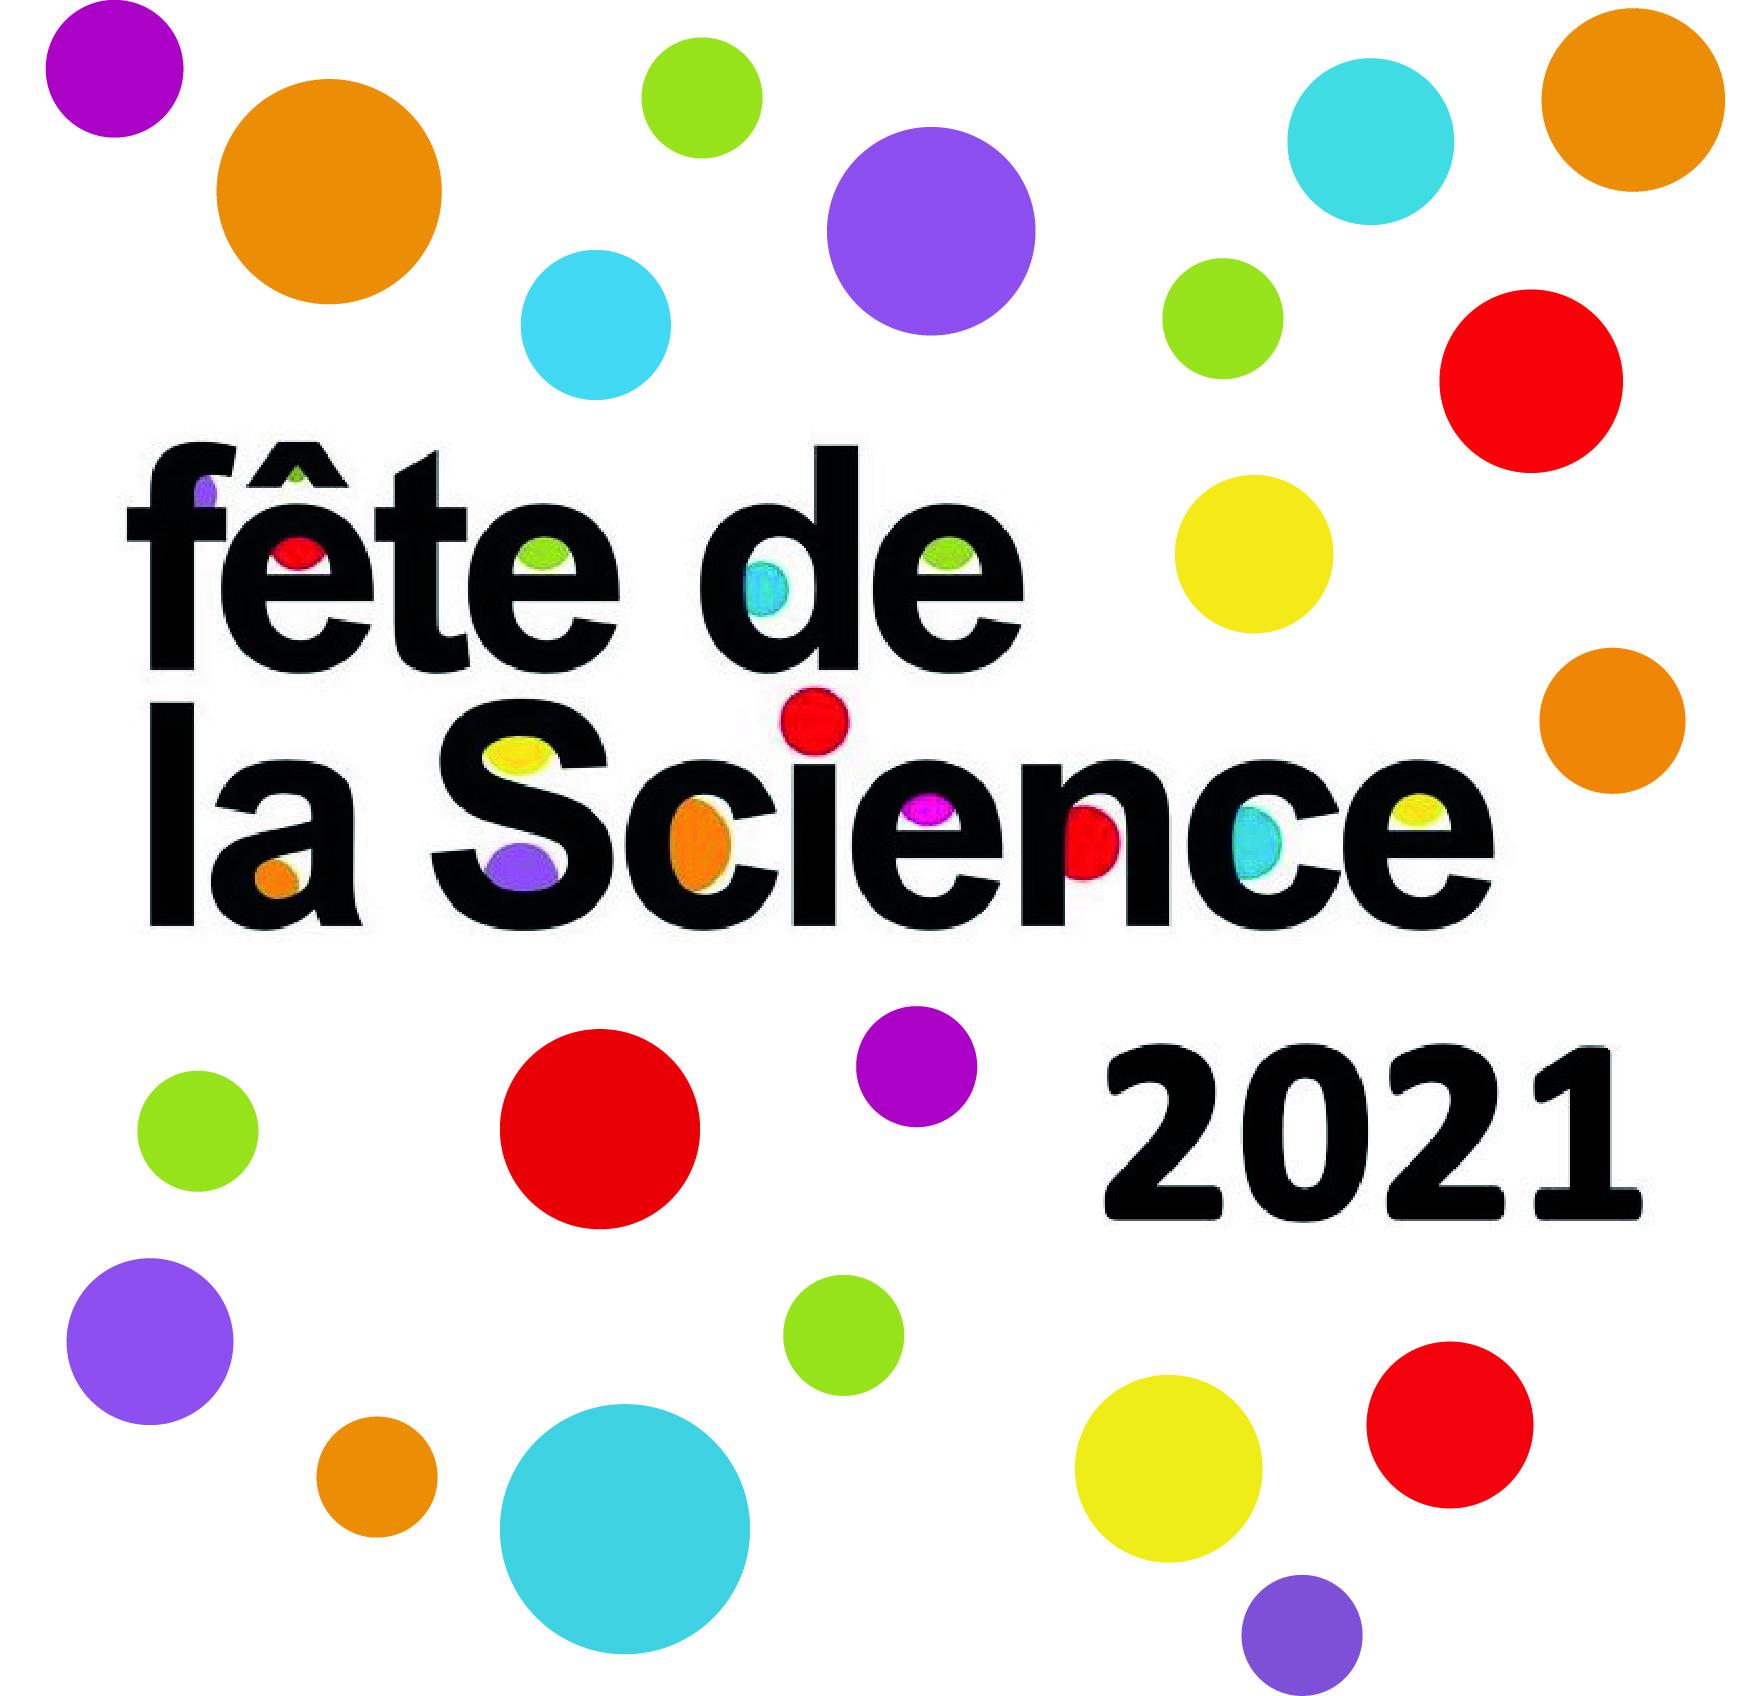 Fete de la Science 2021